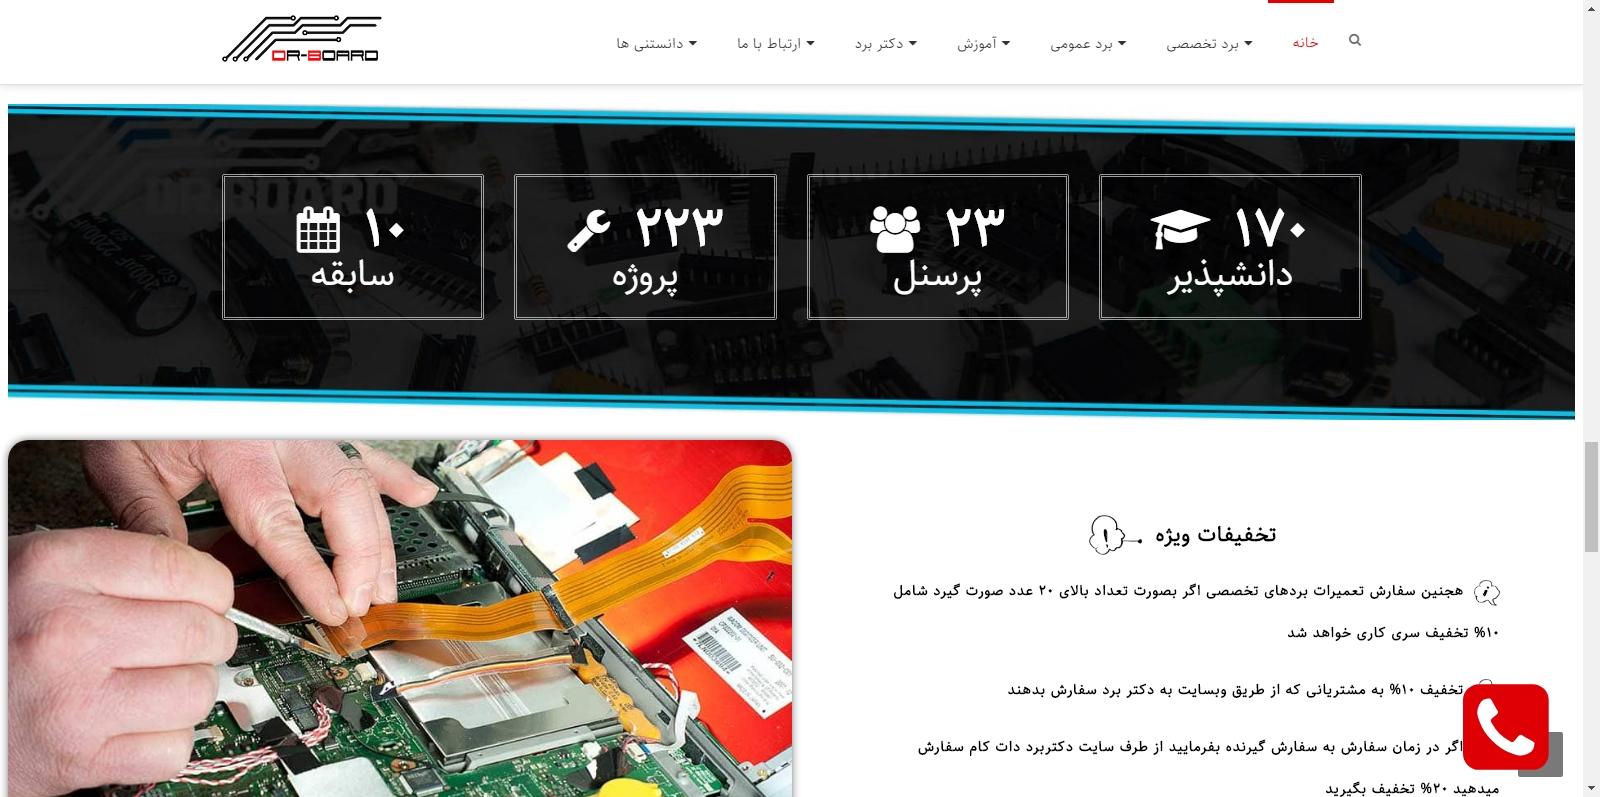 screenshot 20200526 000023 - dr-board.com